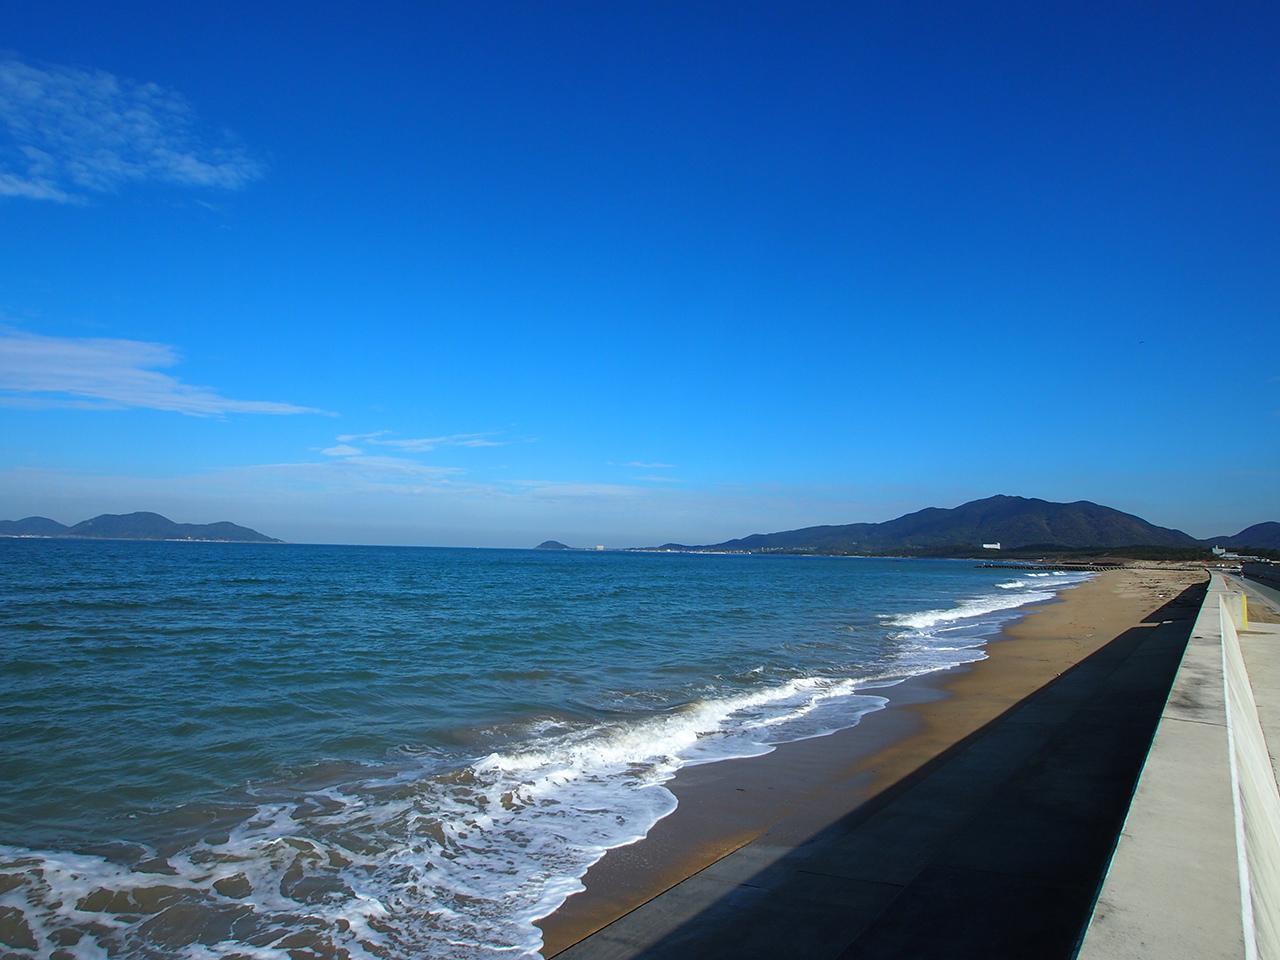 神湊という地名にふさわしい美しい海